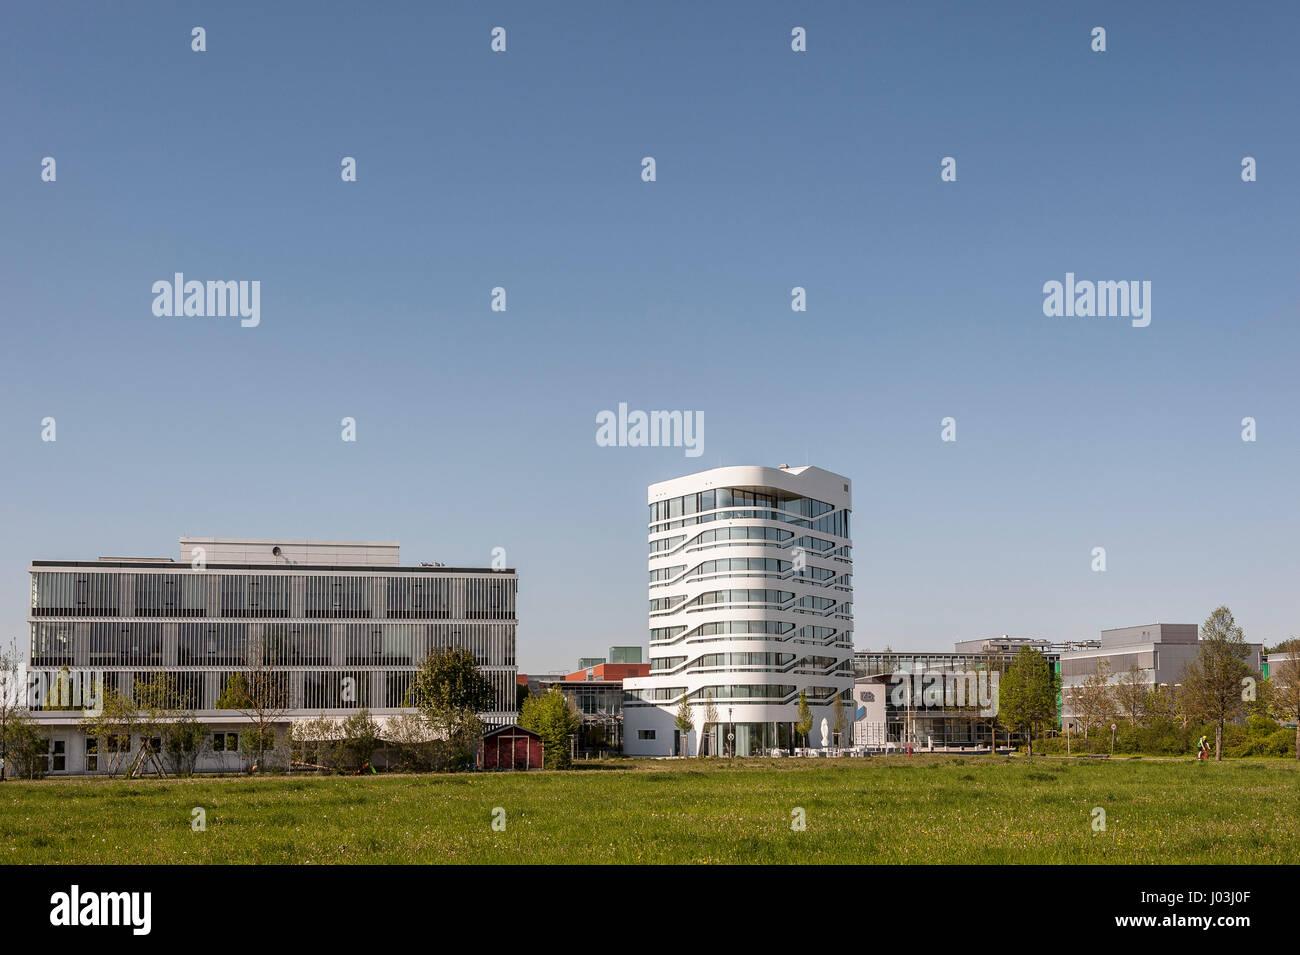 Centro de Innovación para la biotecnología IZB, Martinsried, cerca de Munich, Baviera, Alemania Imagen De Stock